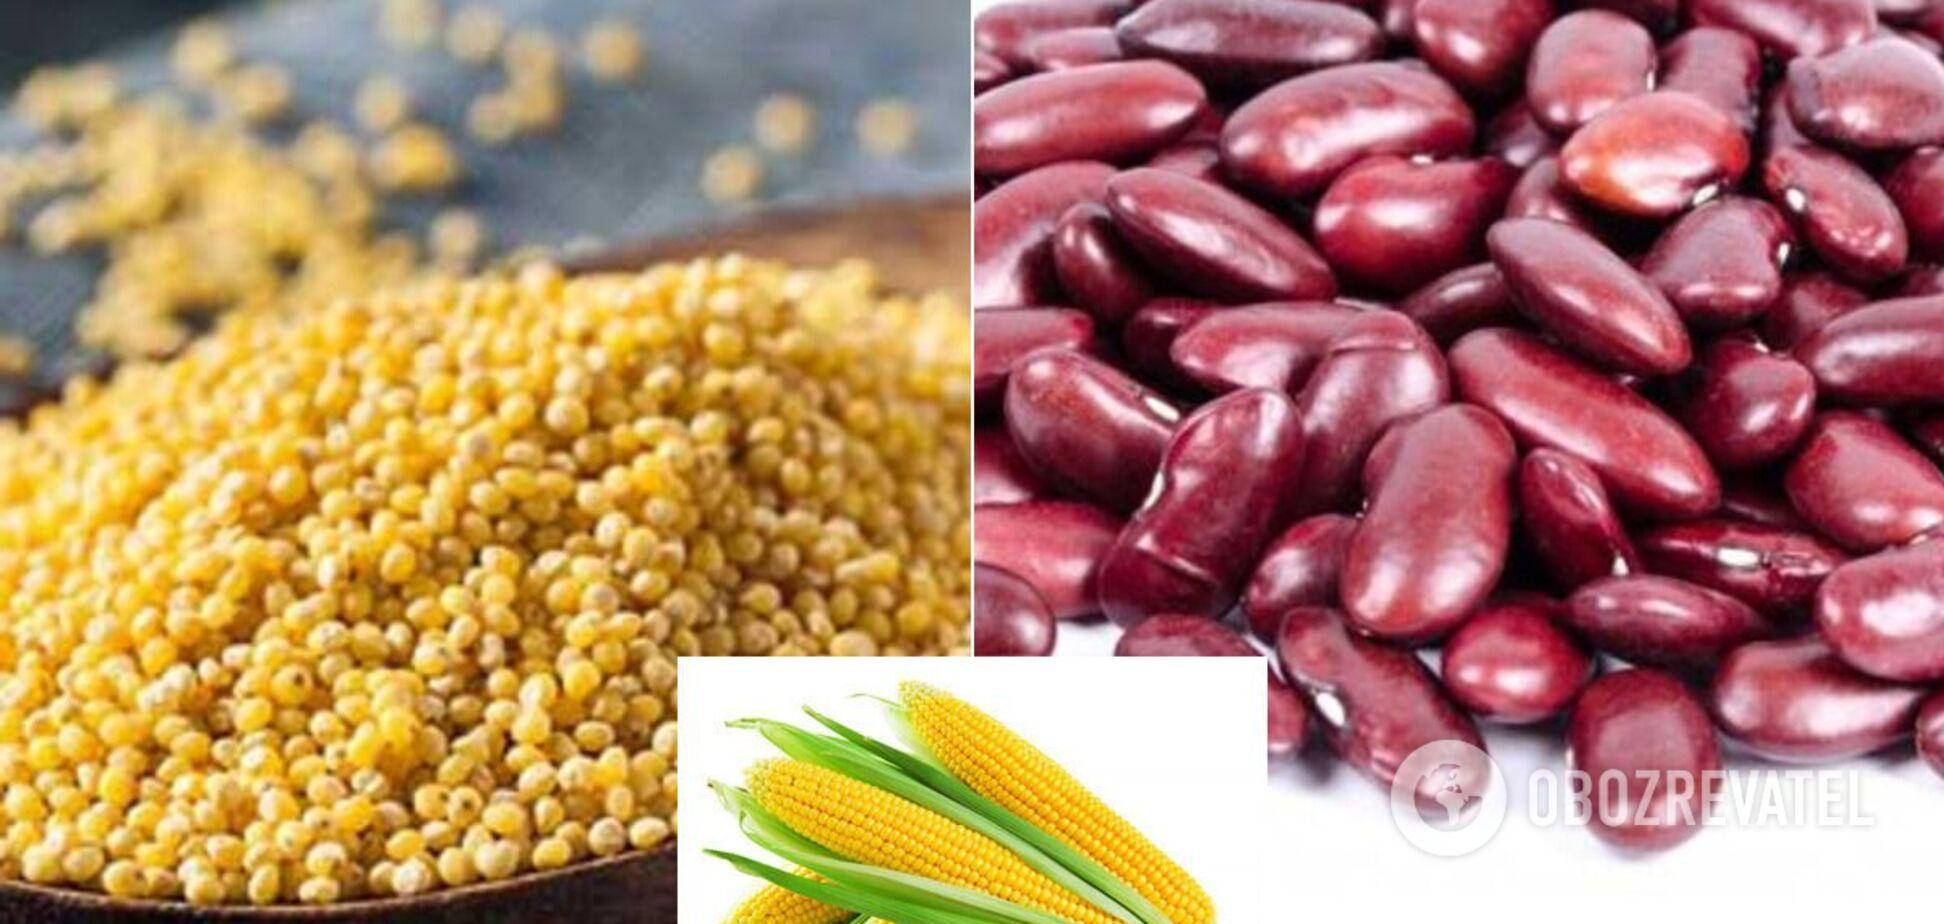 Продукты, предупреждающие COVID-19: диета для профилактики вирусных болезней